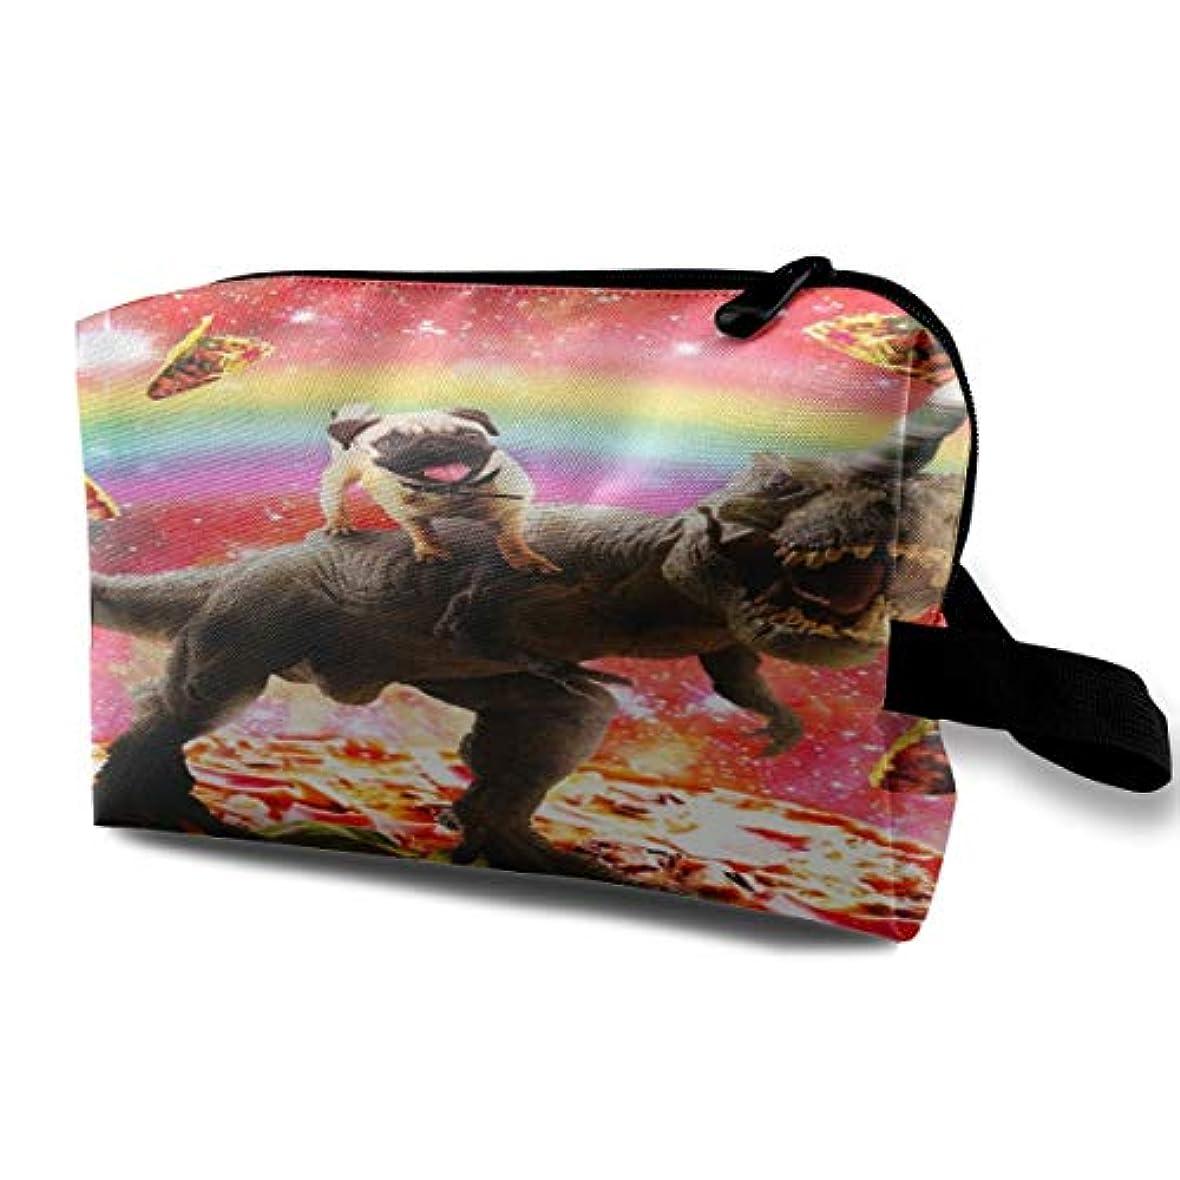 素敵な失望させる汚染Space Pug Riding Dinosaur Unicorn 収納ポーチ 化粧ポーチ 大容量 軽量 耐久性 ハンドル付持ち運び便利。入れ 自宅?出張?旅行?アウトドア撮影などに対応。メンズ レディース トラベルグッズ